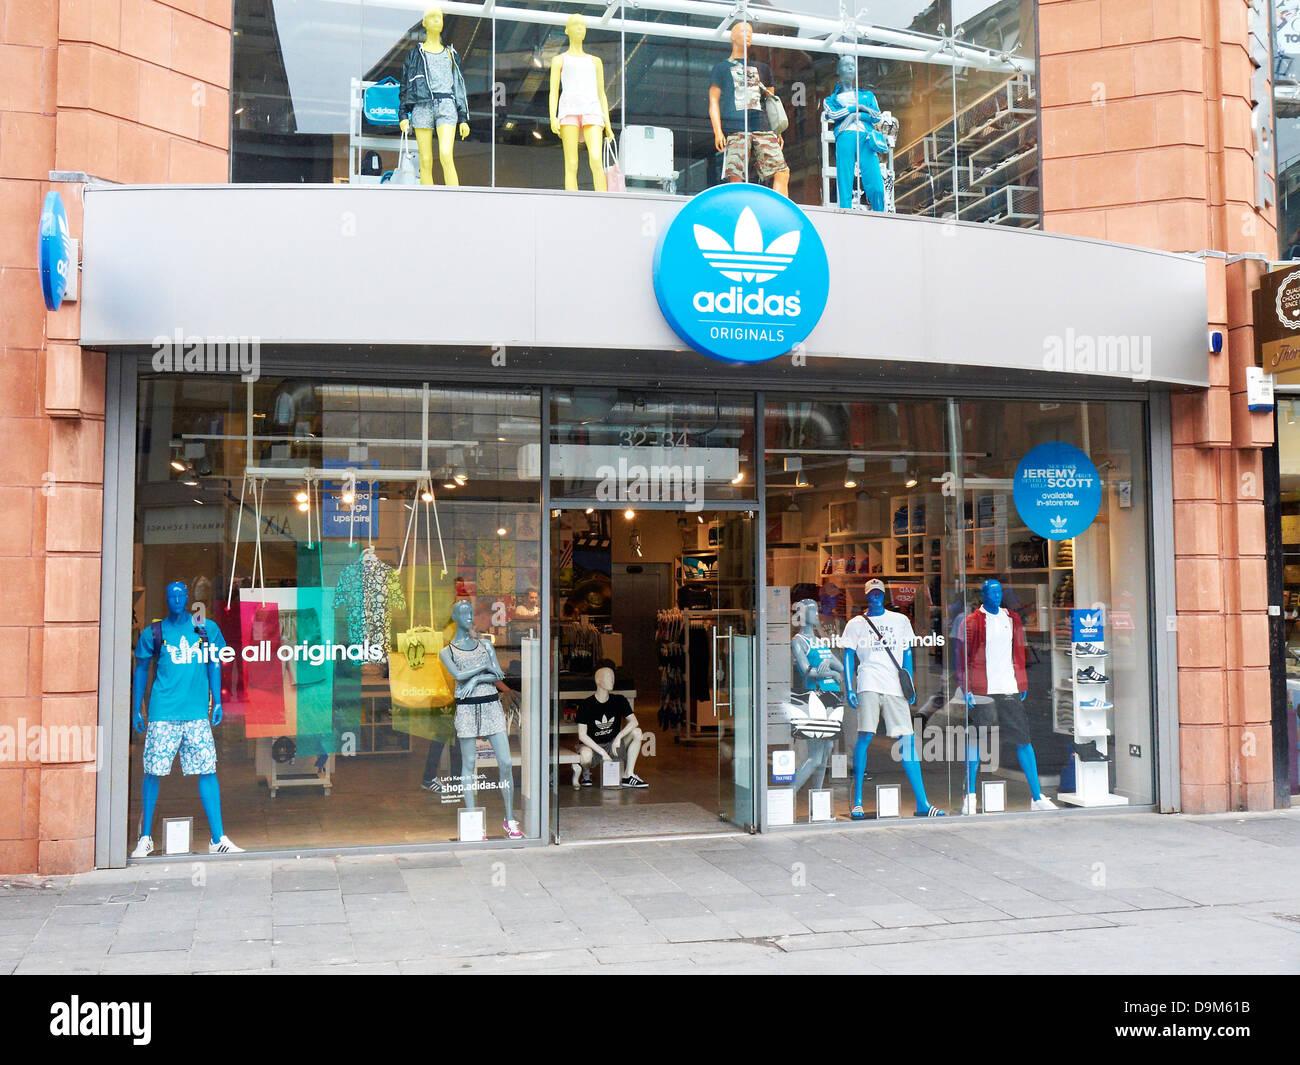 Adidas sport shop à Liverpool UK Banque D'Images, Photo